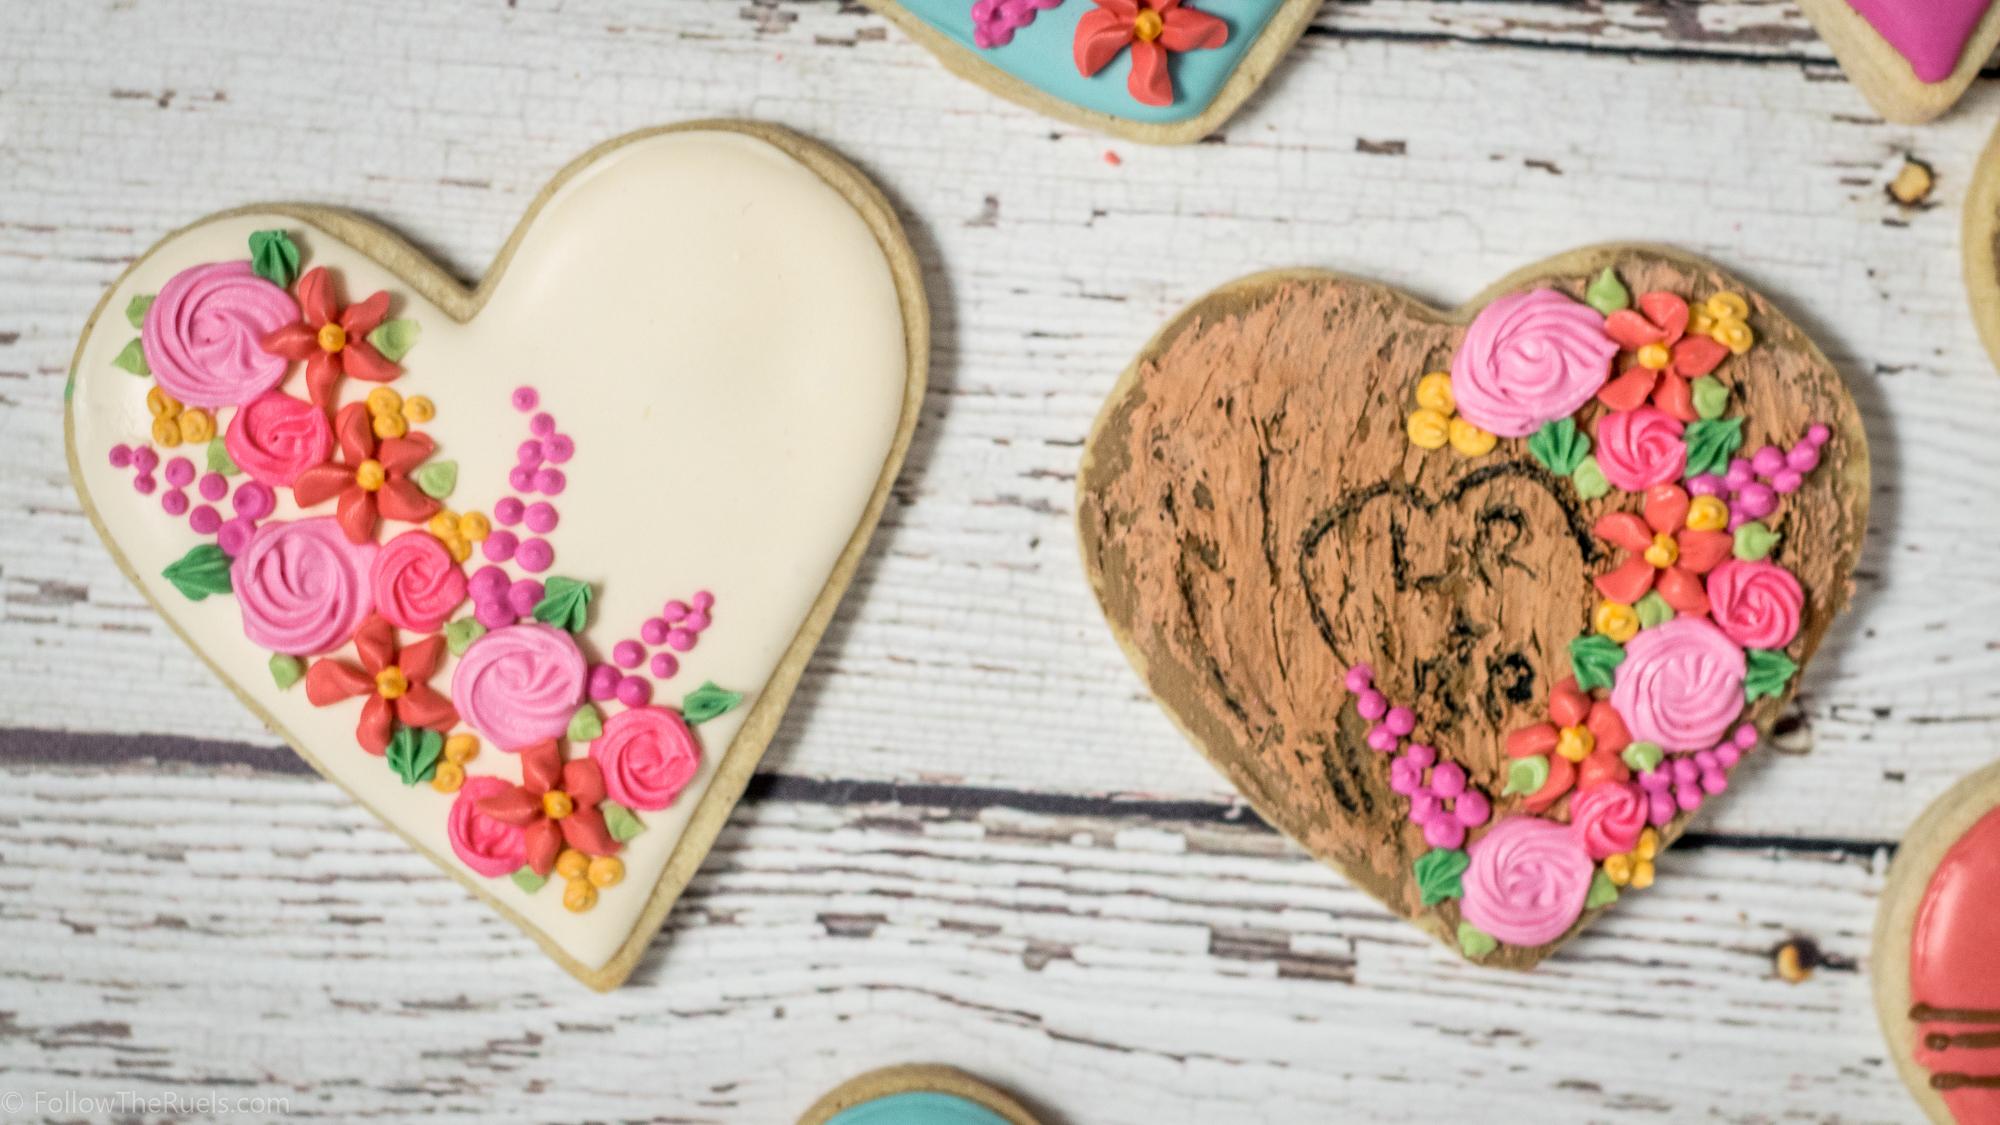 Rustic-Floral-Cookies-2-1.jpg